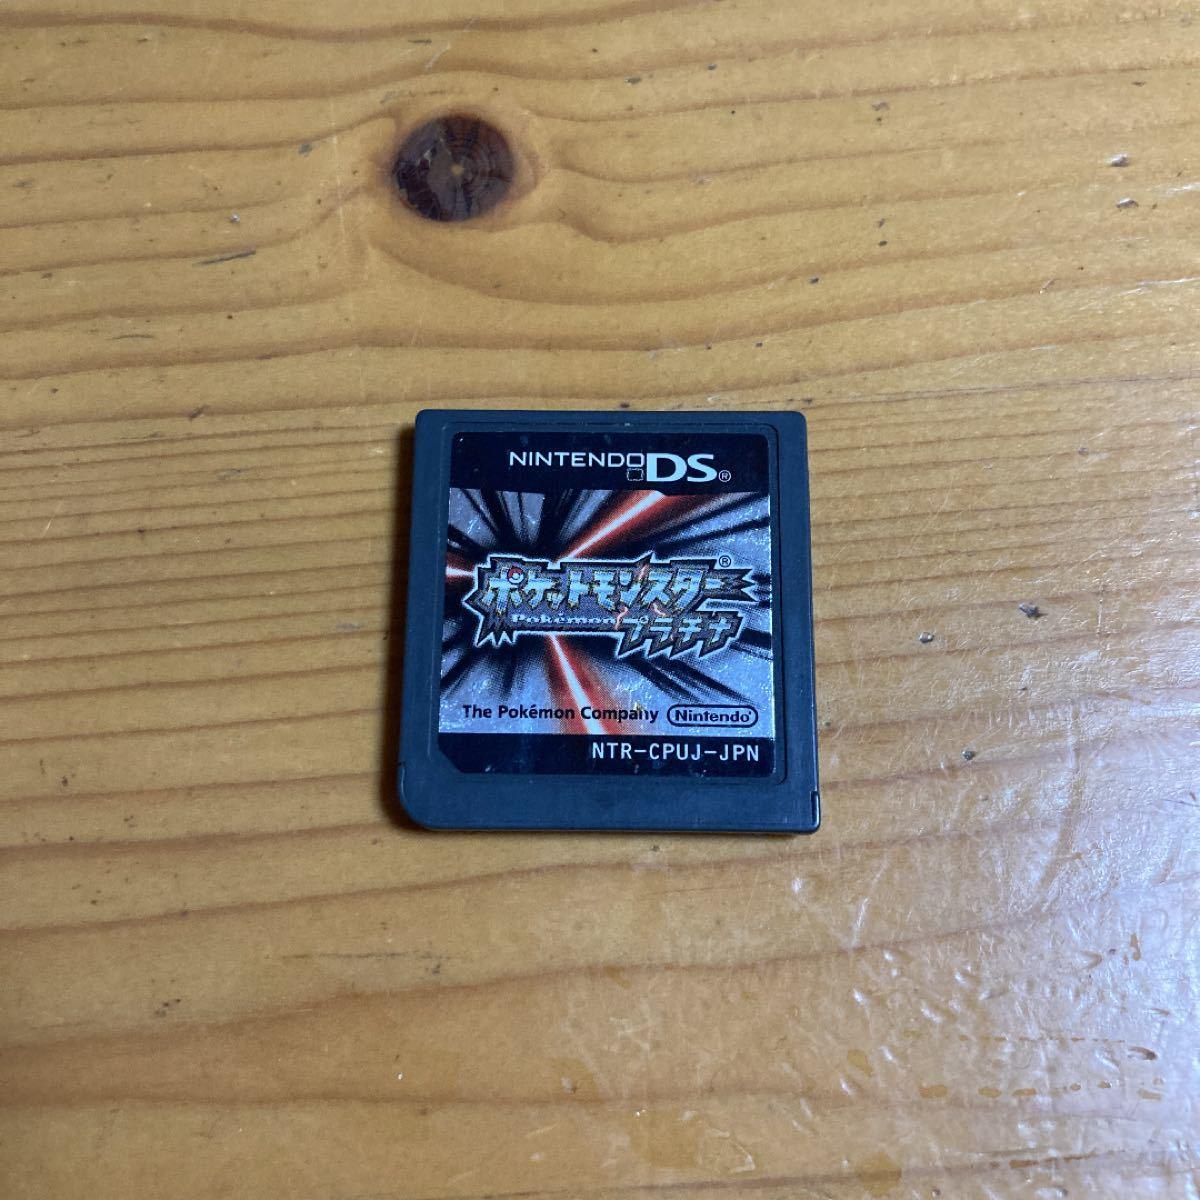 ポケットモンスタープラチナ DSソフト ポケモンプラチナ ニンテンドーDS ソフト